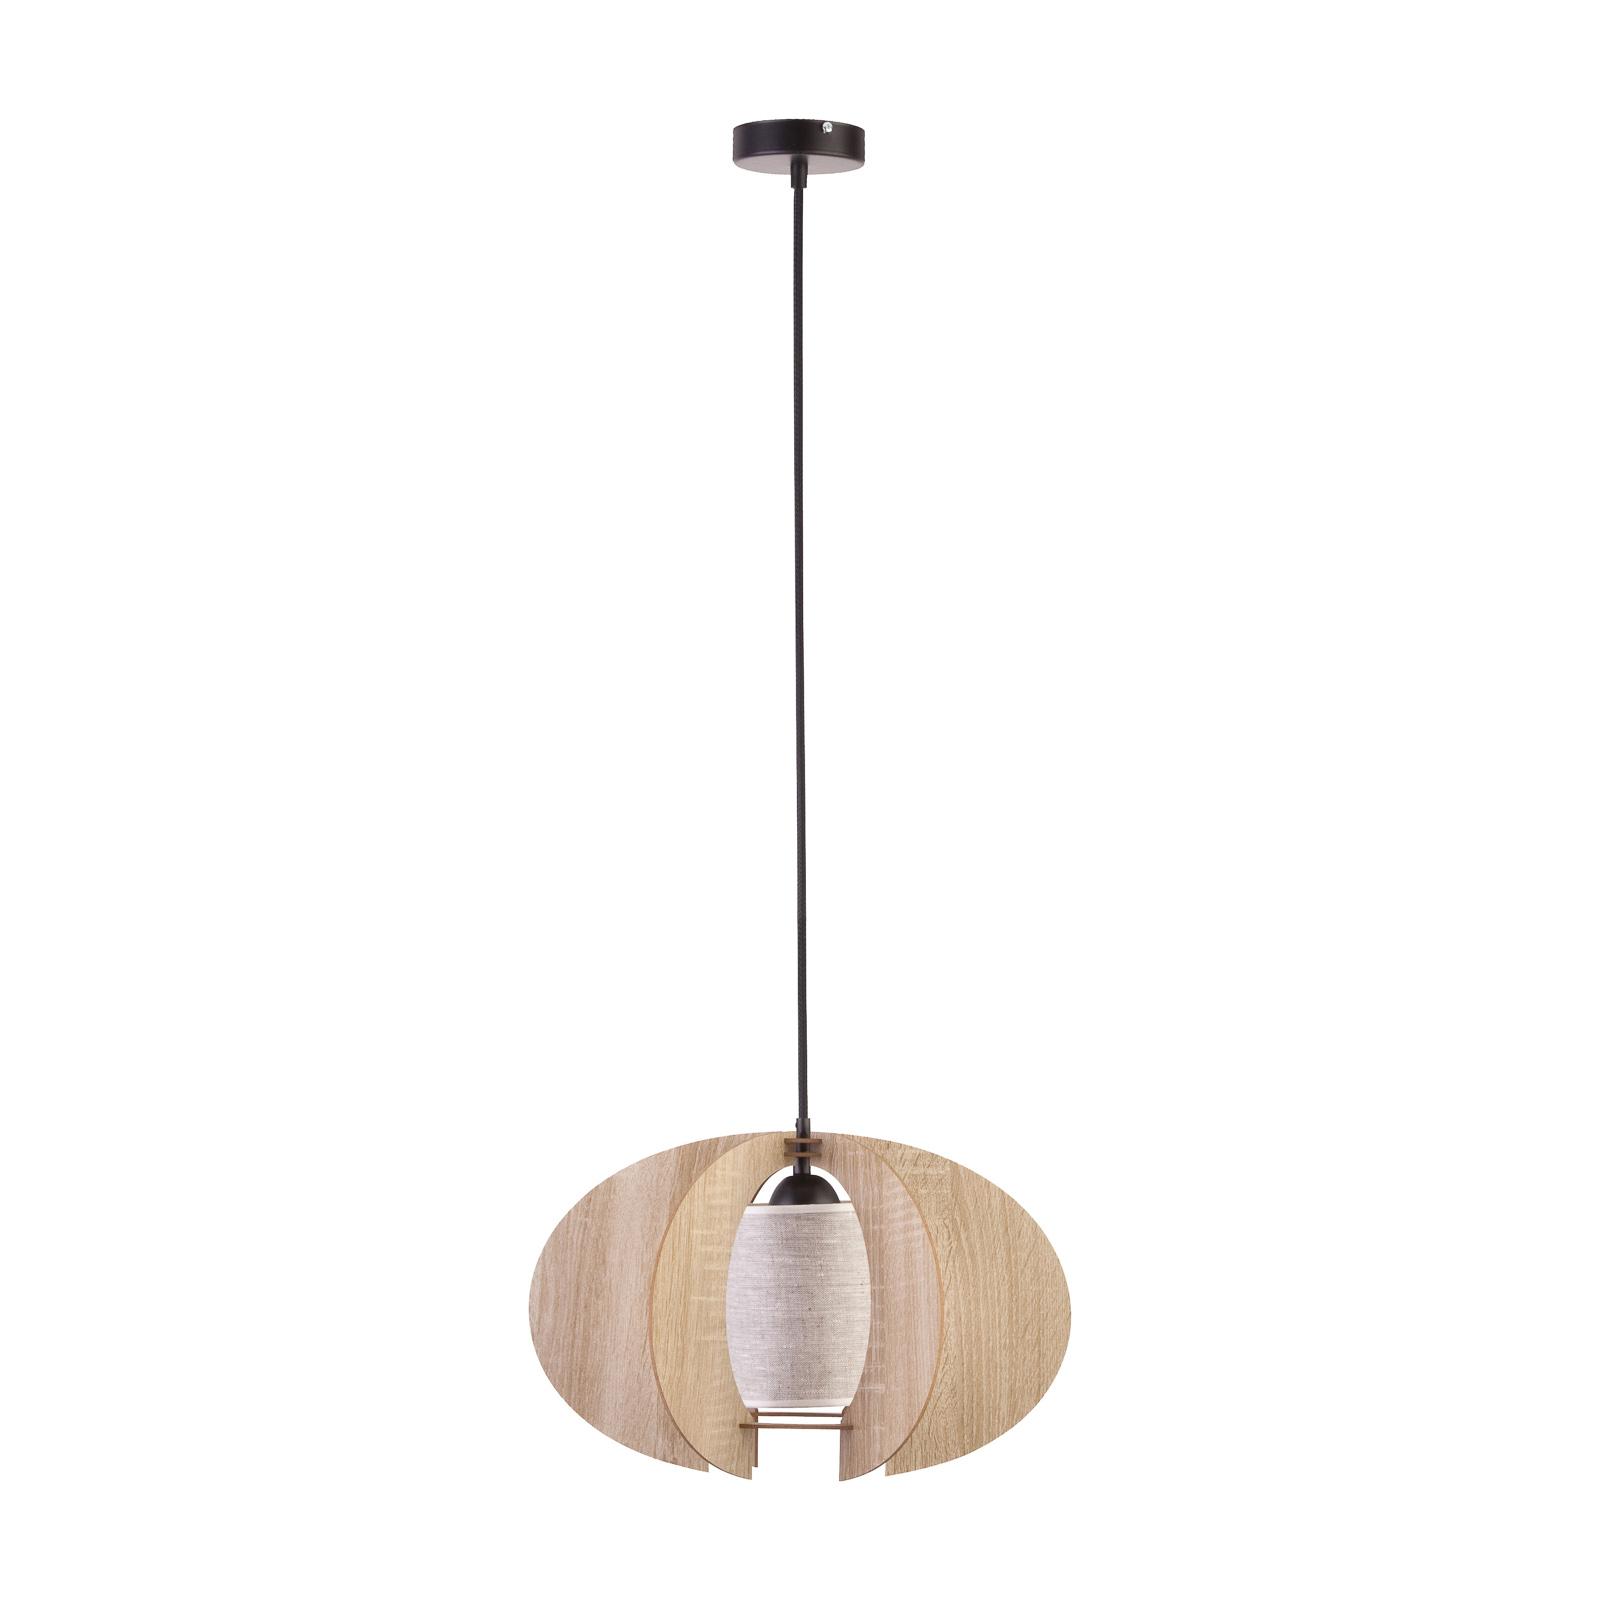 Lampa wisząca Modern C drewniane listwy, Ø 50 cm